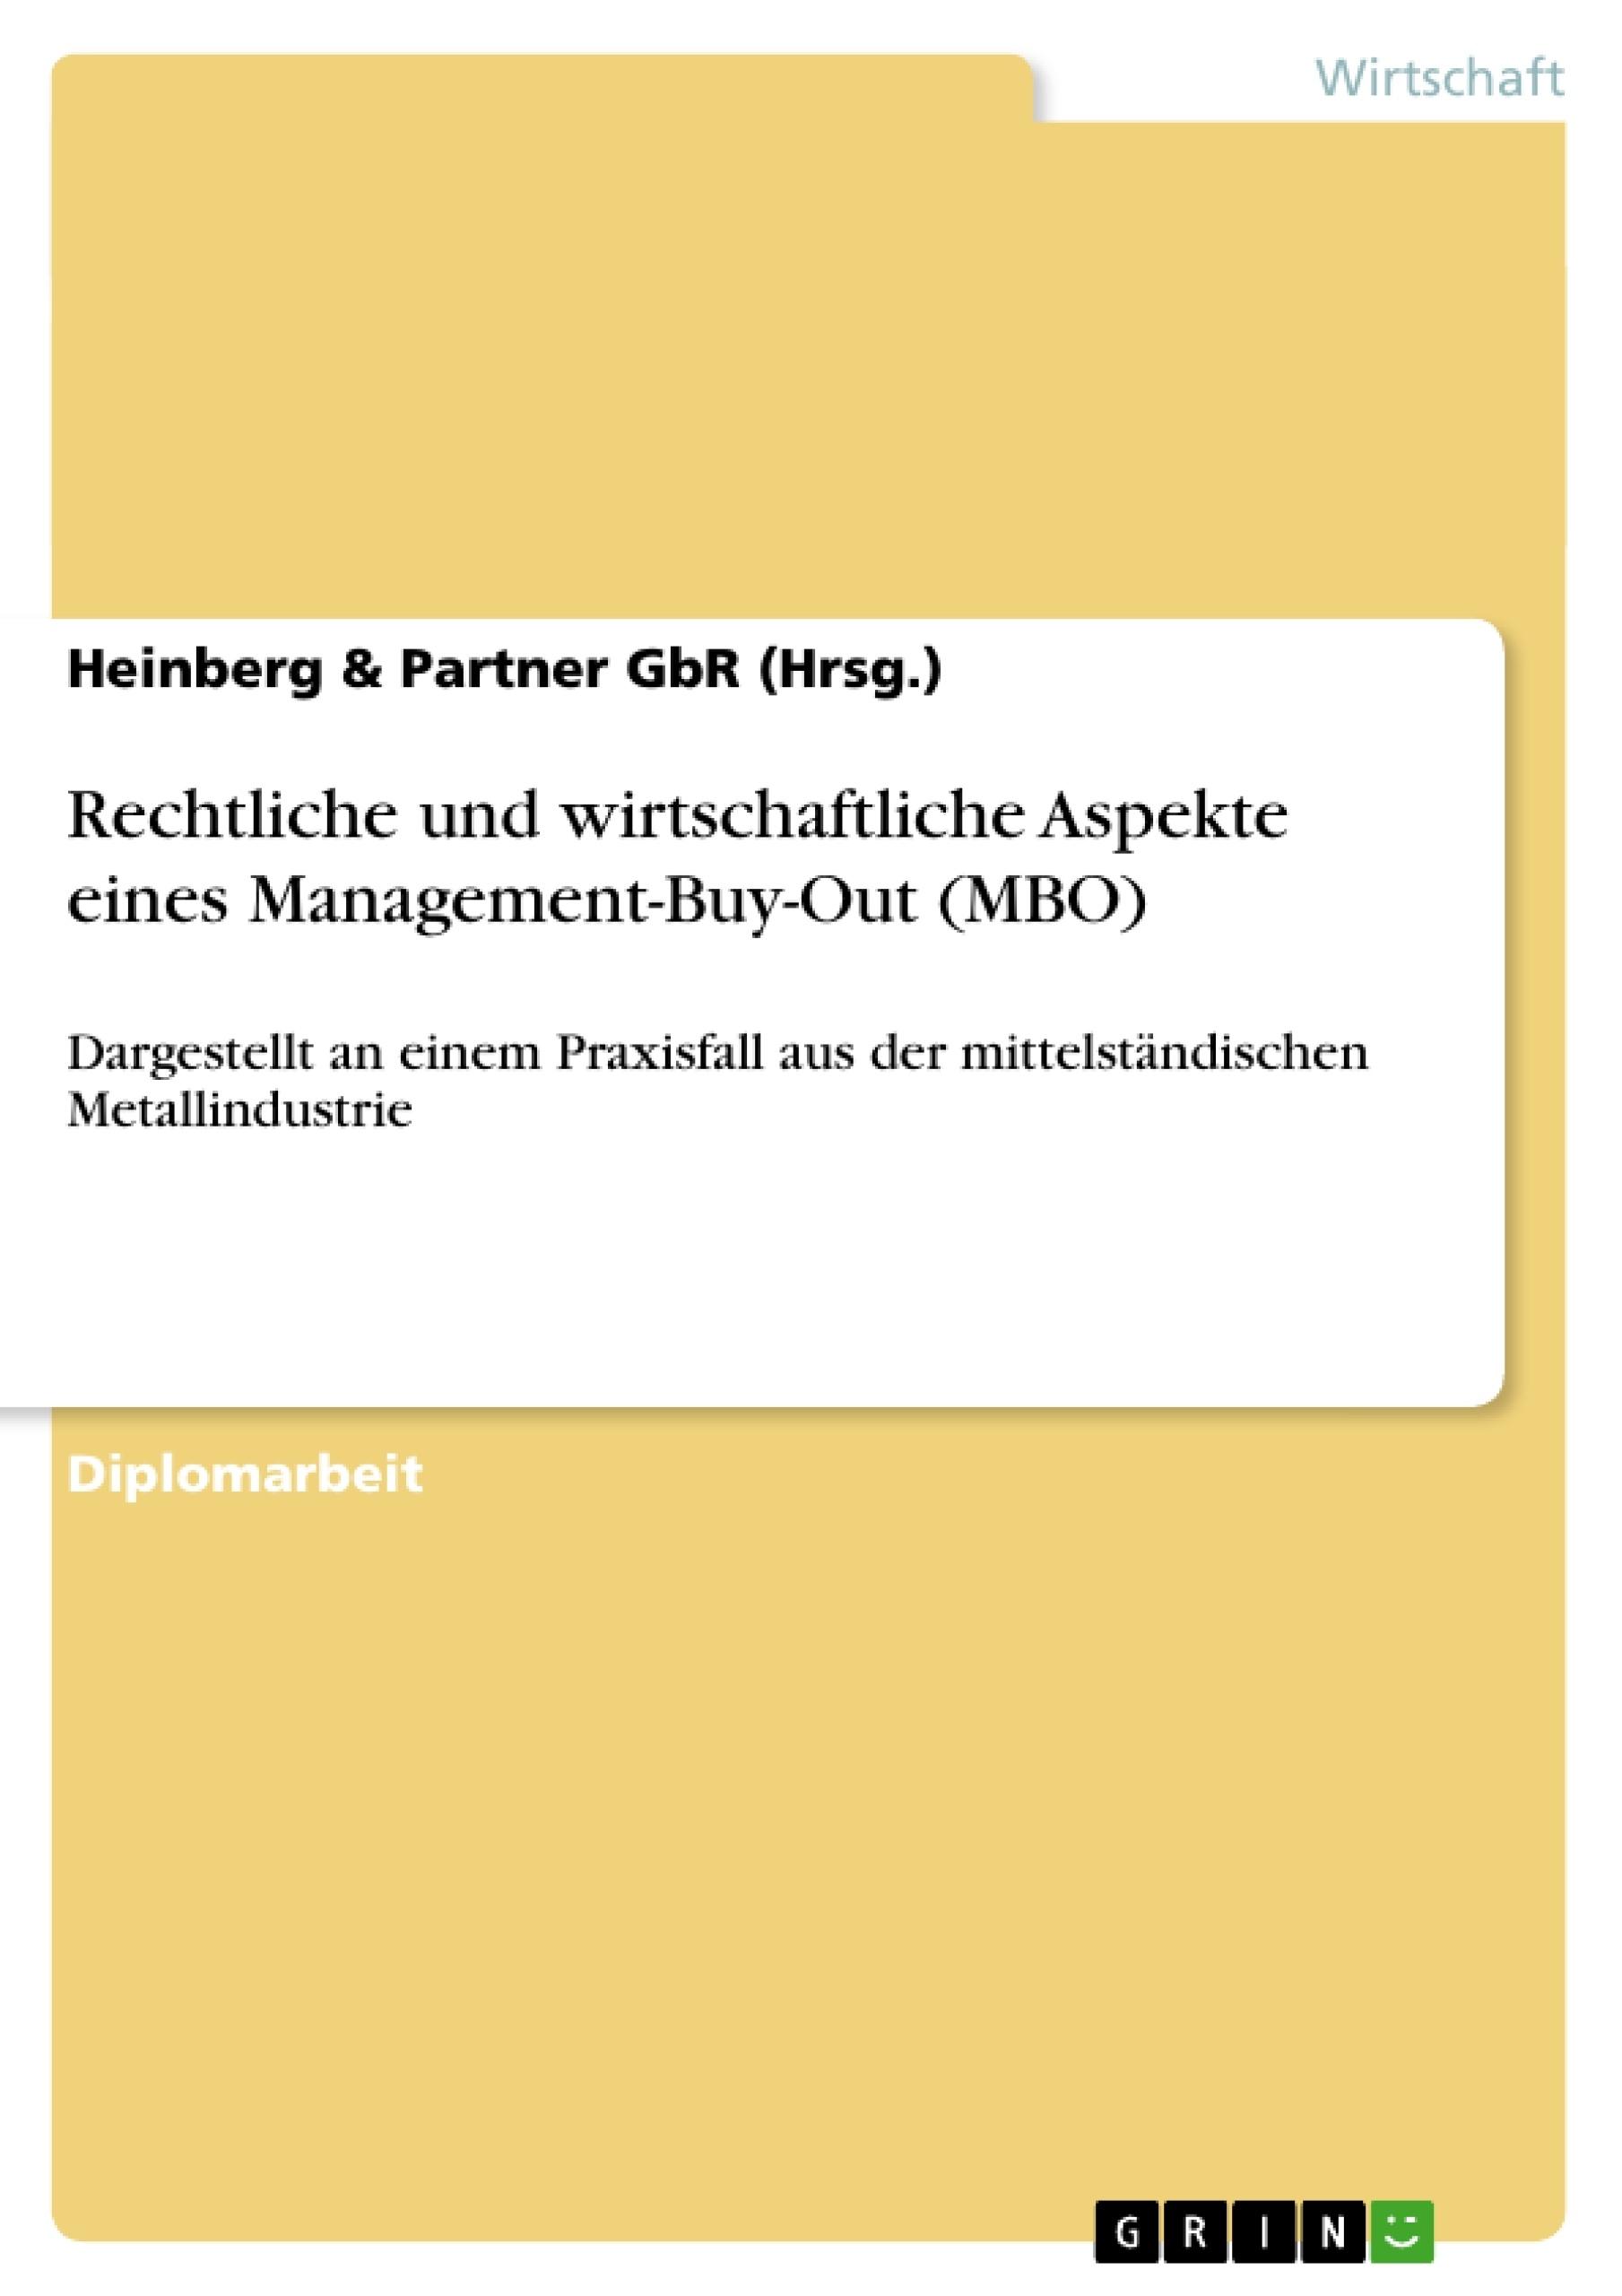 Titel: Rechtliche und wirtschaftliche Aspekte eines Management-Buy-Out (MBO)